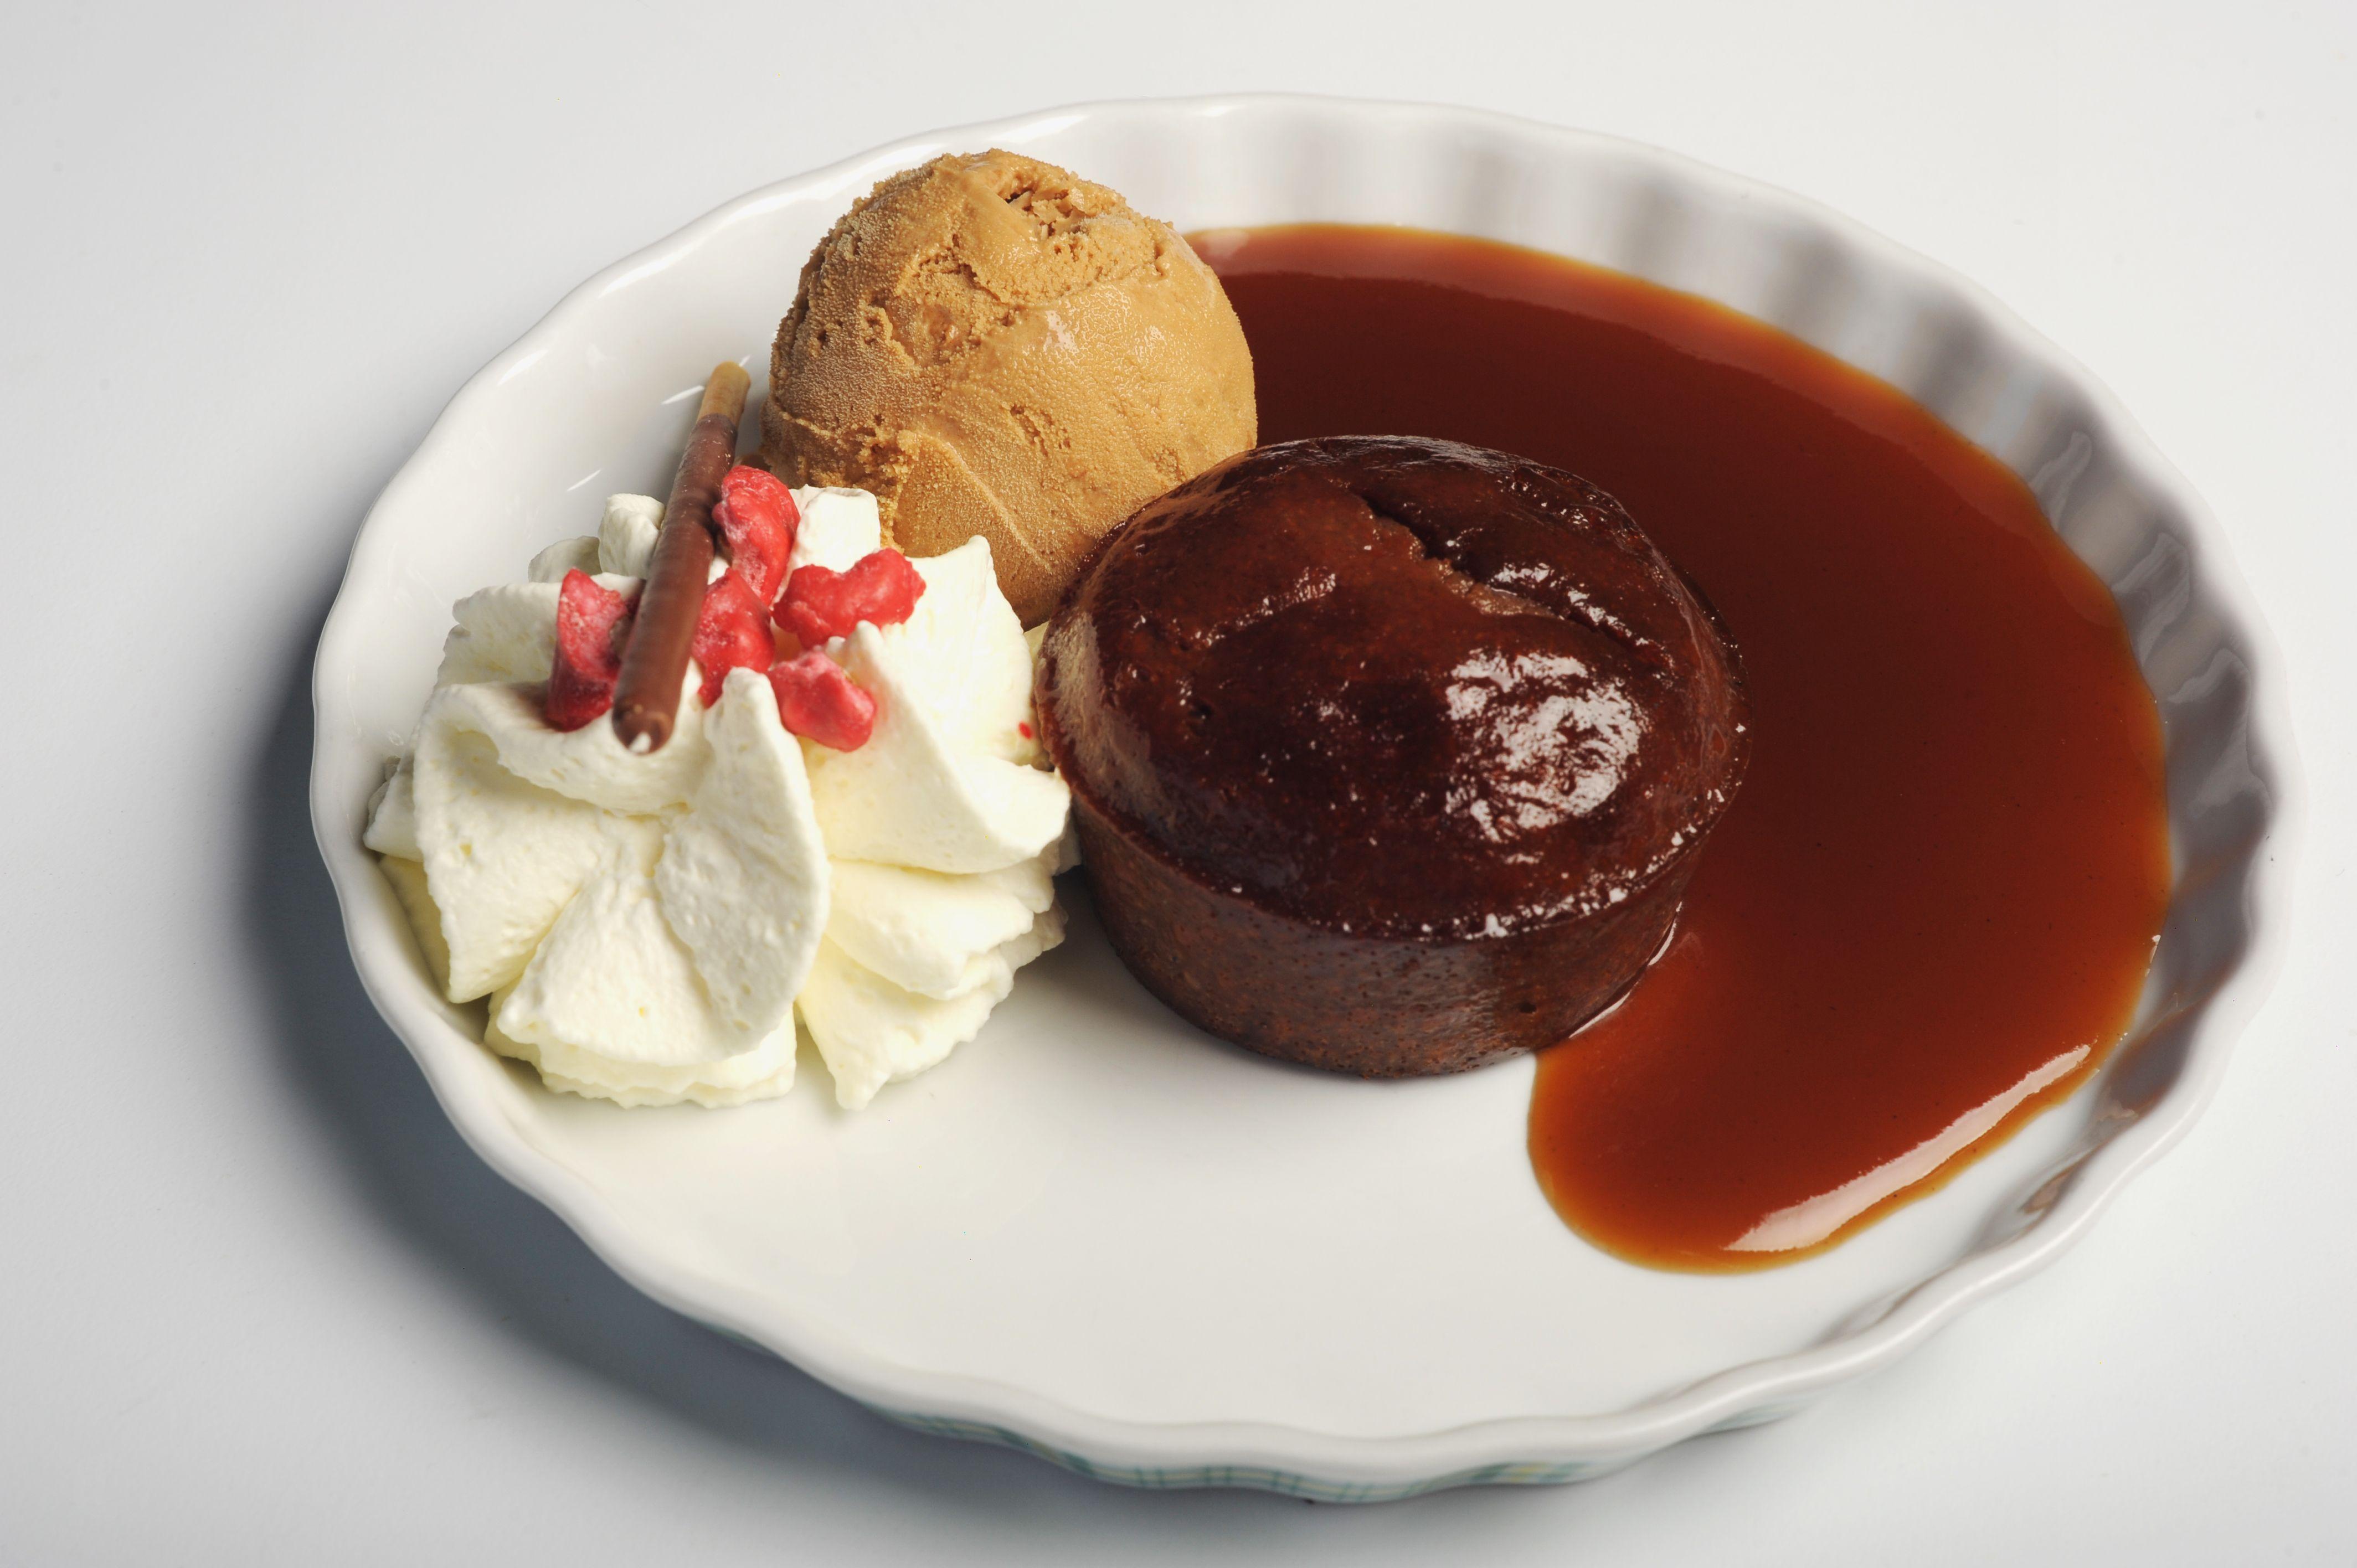 Le moelleux à la châtaigne : Moelleux à la châtaigne, crème anglaise, 1 boule de glace caramel, 1 pointe de crème fouettée, éclats de pralines roses.